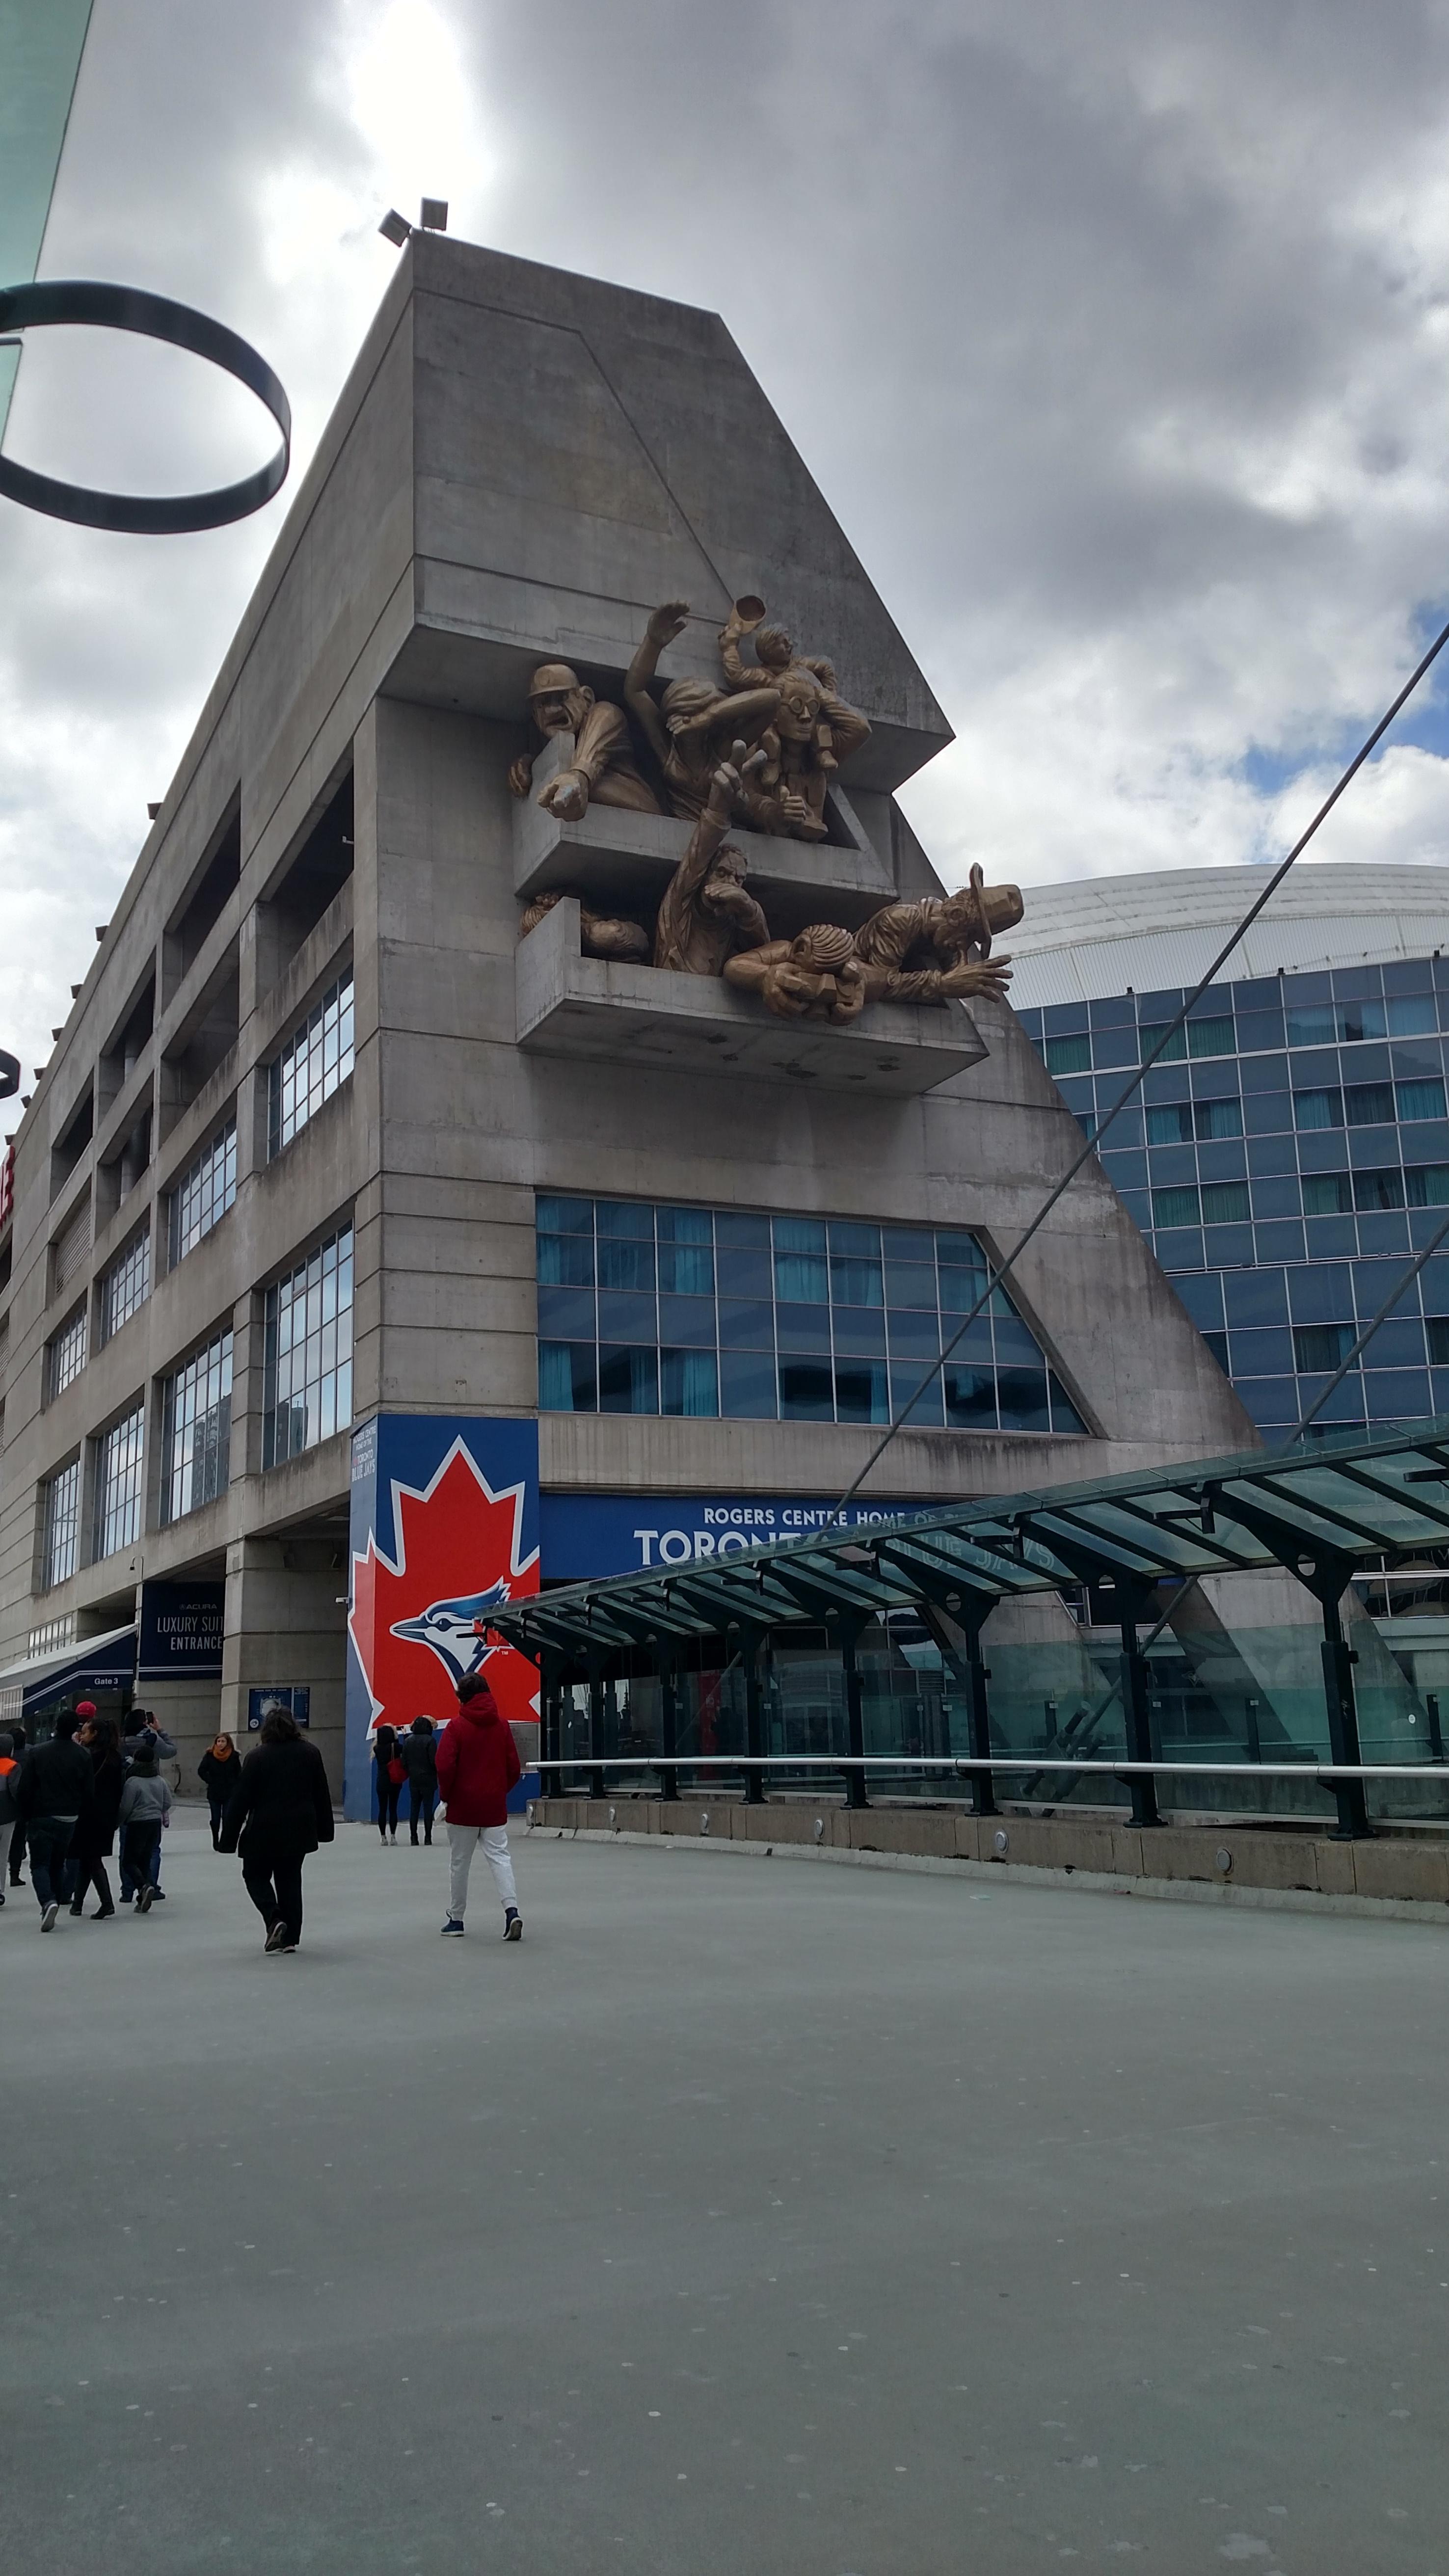 Elias Lefty Caress Toronto Magic Show Tour